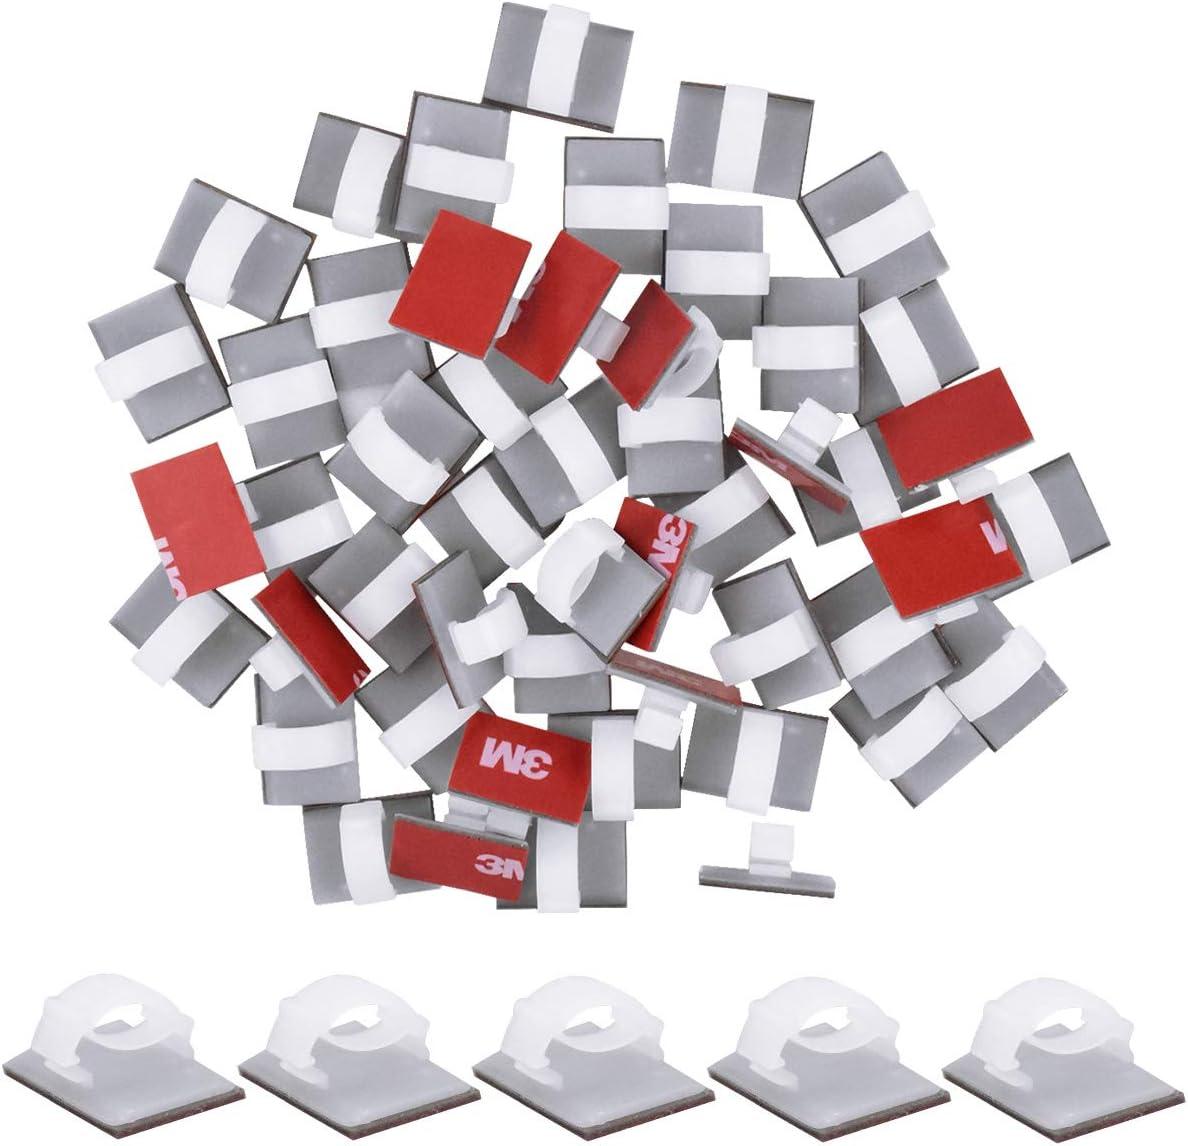 Bureau et Maison HQdeal 50 Pi/èces Attache-C/âbles Autocollants Attache-C/âbles en Plastique Rectangle Clips de Fils pour la Gestion des Fils Serre-C/âble pour Voiture Blanc